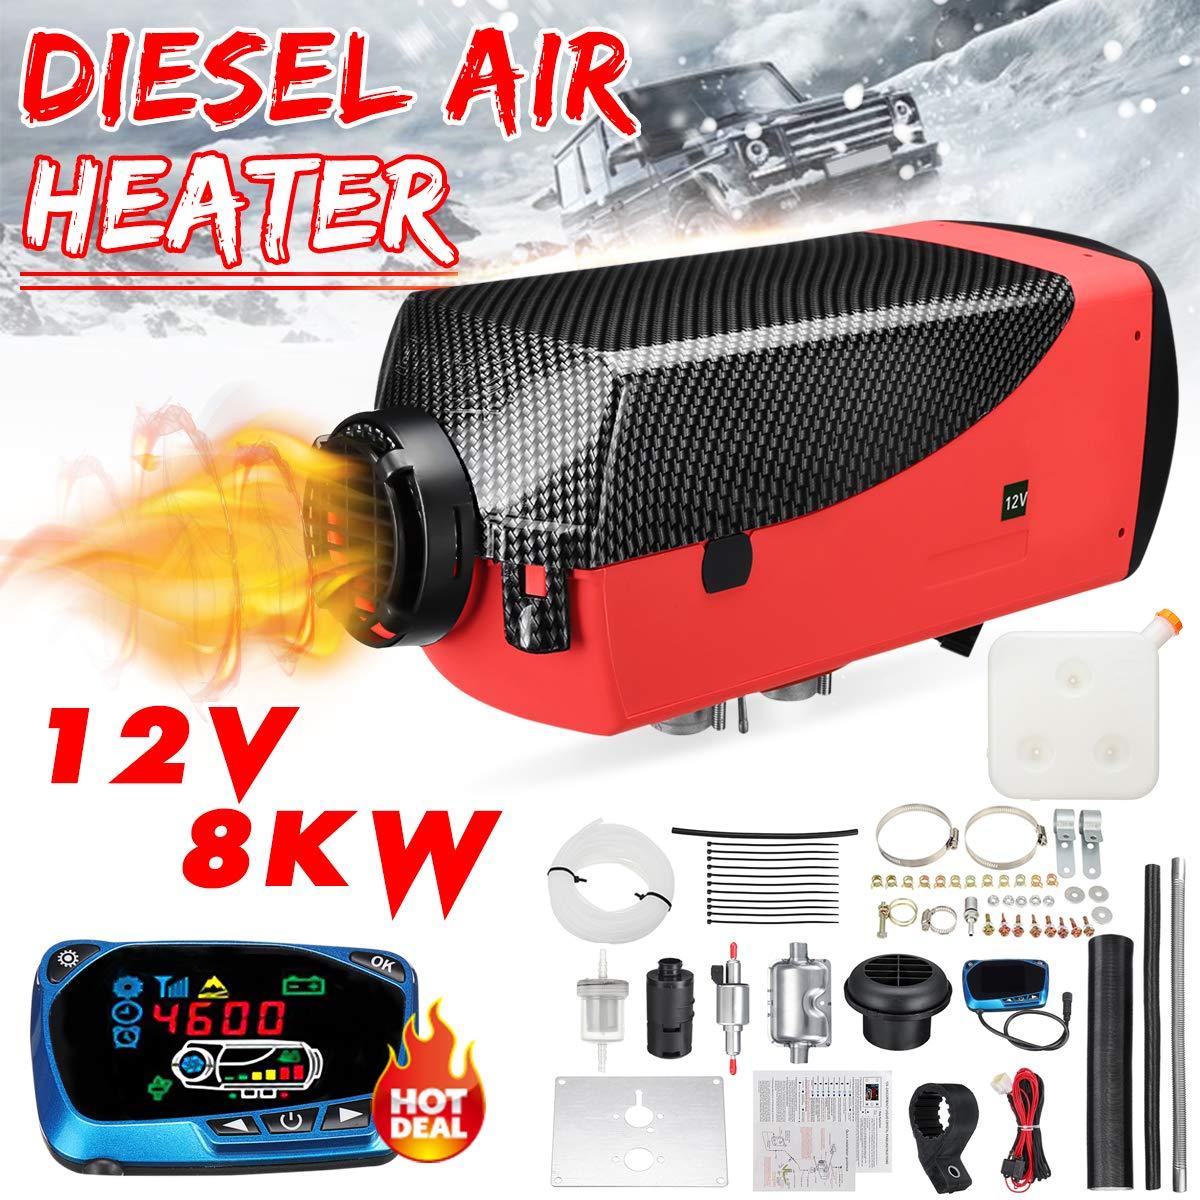 KingSo 12V 8KW Diesel Air Heater Kit for Trucks Boats Bus Car Motor-Homes